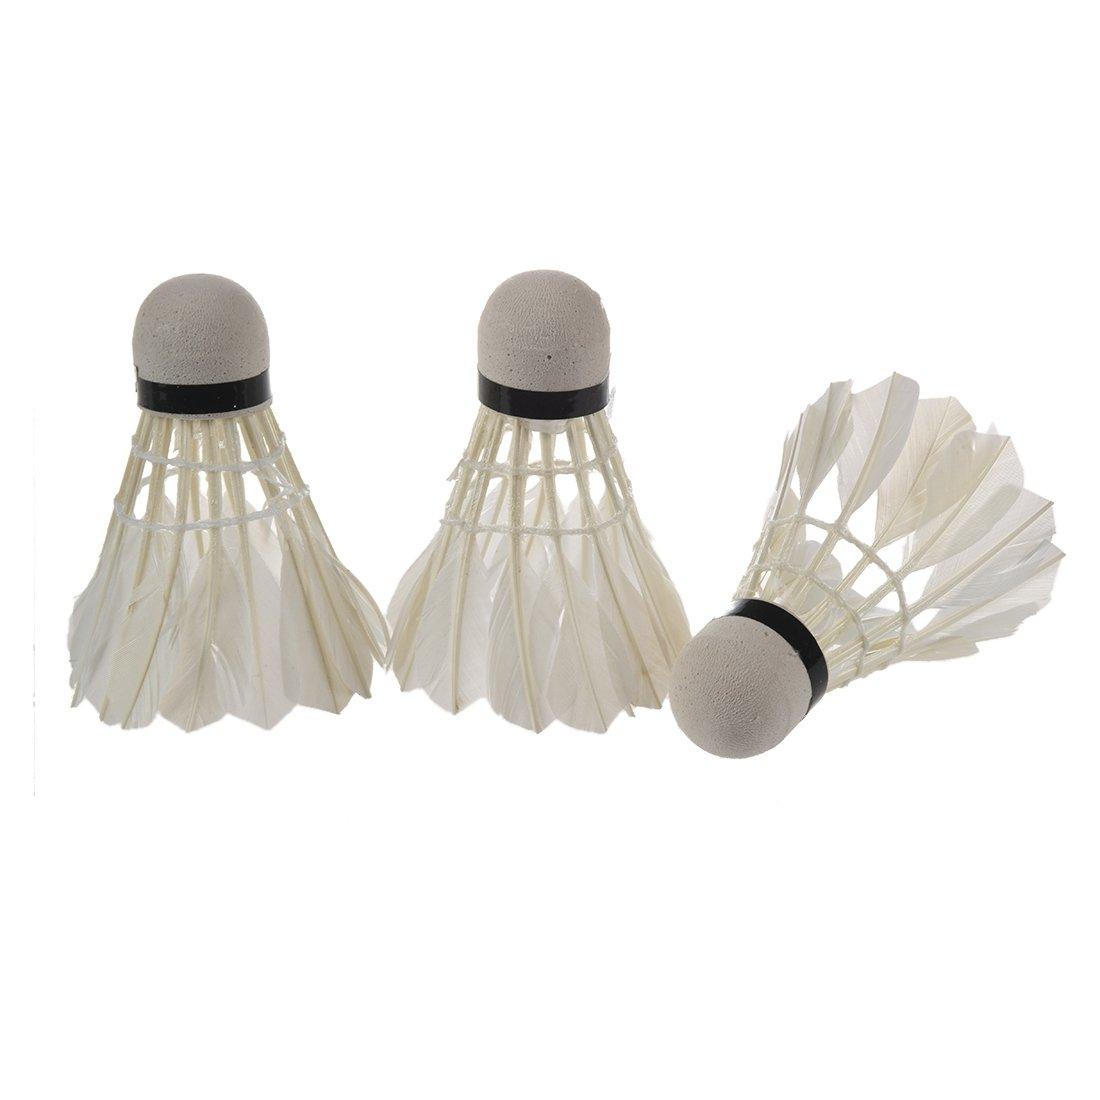 Badminton Volano - SODIAL(R) bianca Goose Feather Badminton Shuttlecock 3pz con Carboard Cilindro